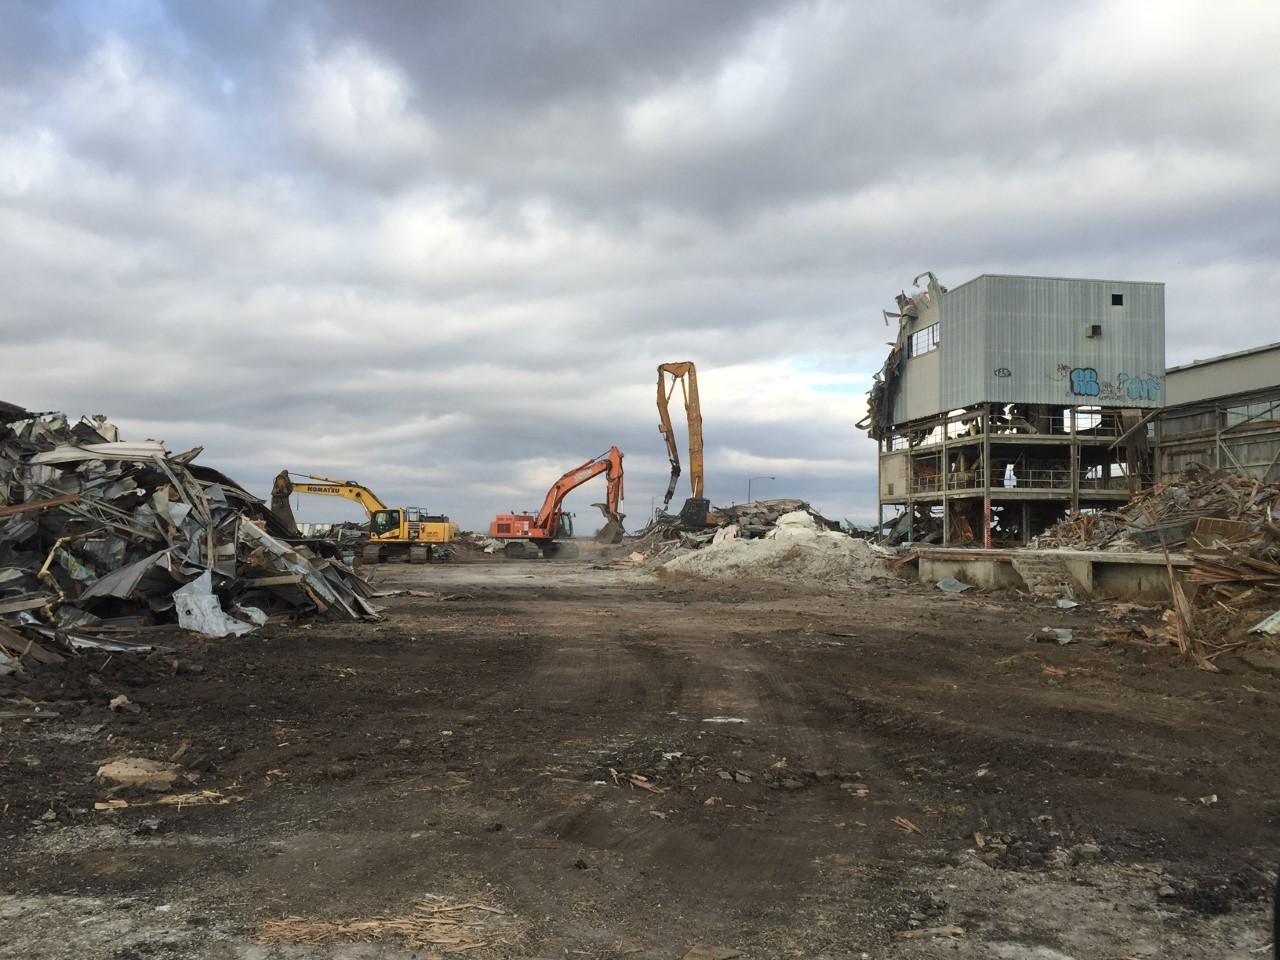 Cominco Fertilizer Plant Demolition Project 2019